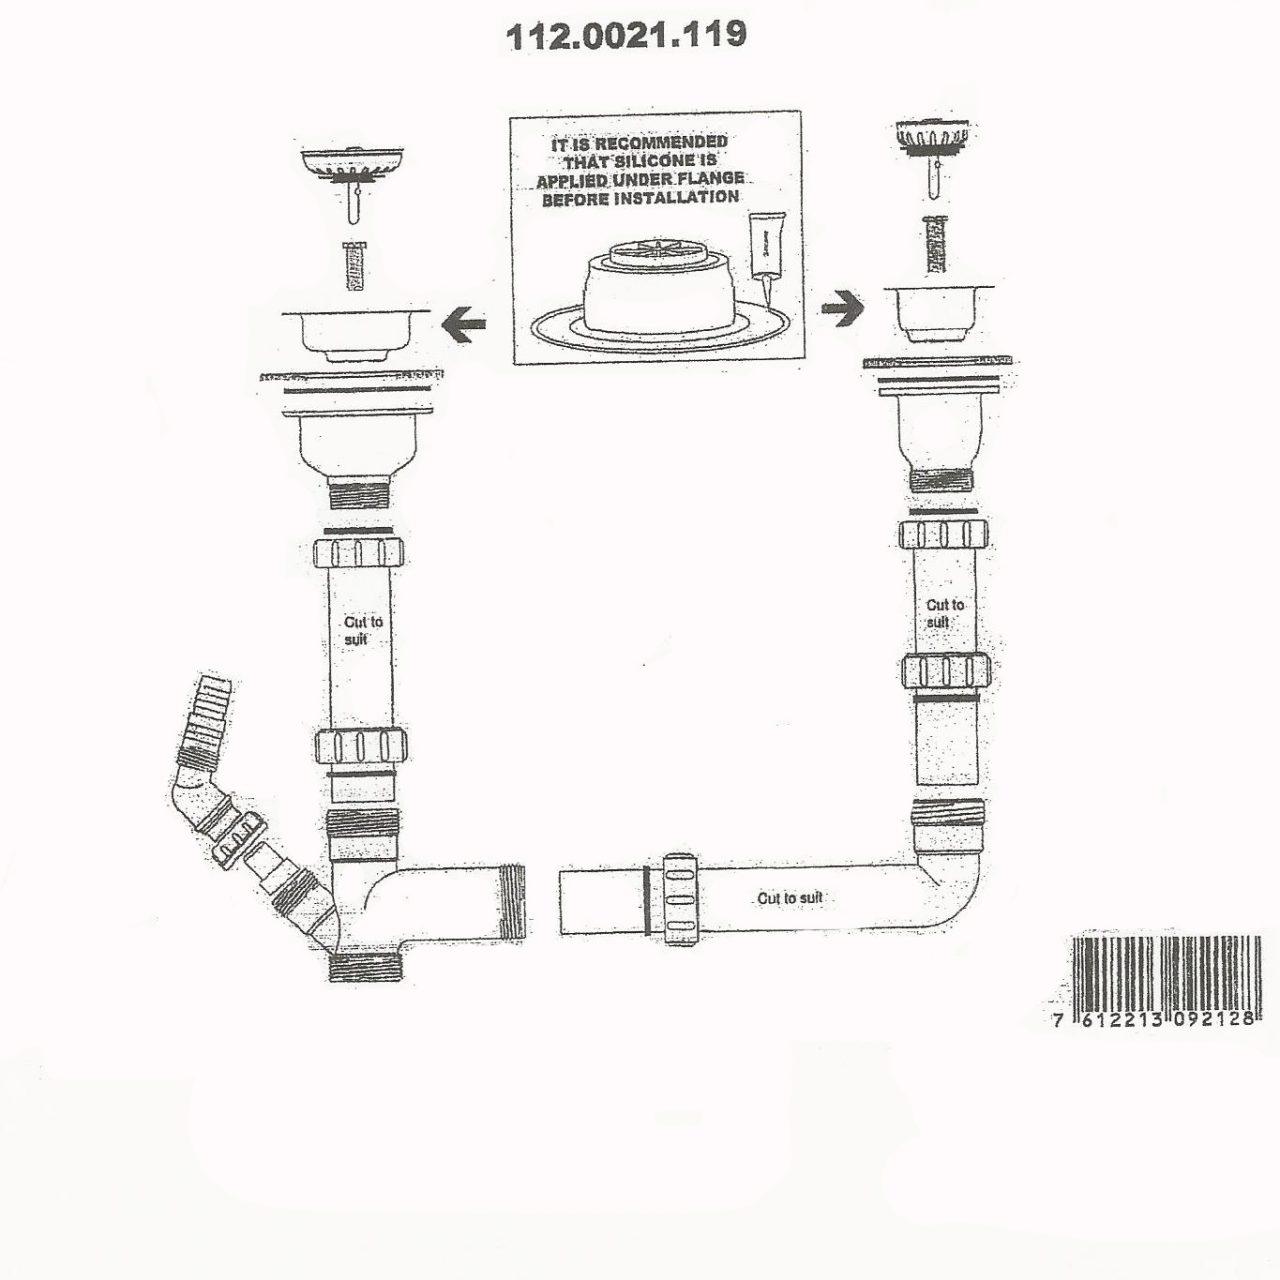 franke plumbing kit instructions